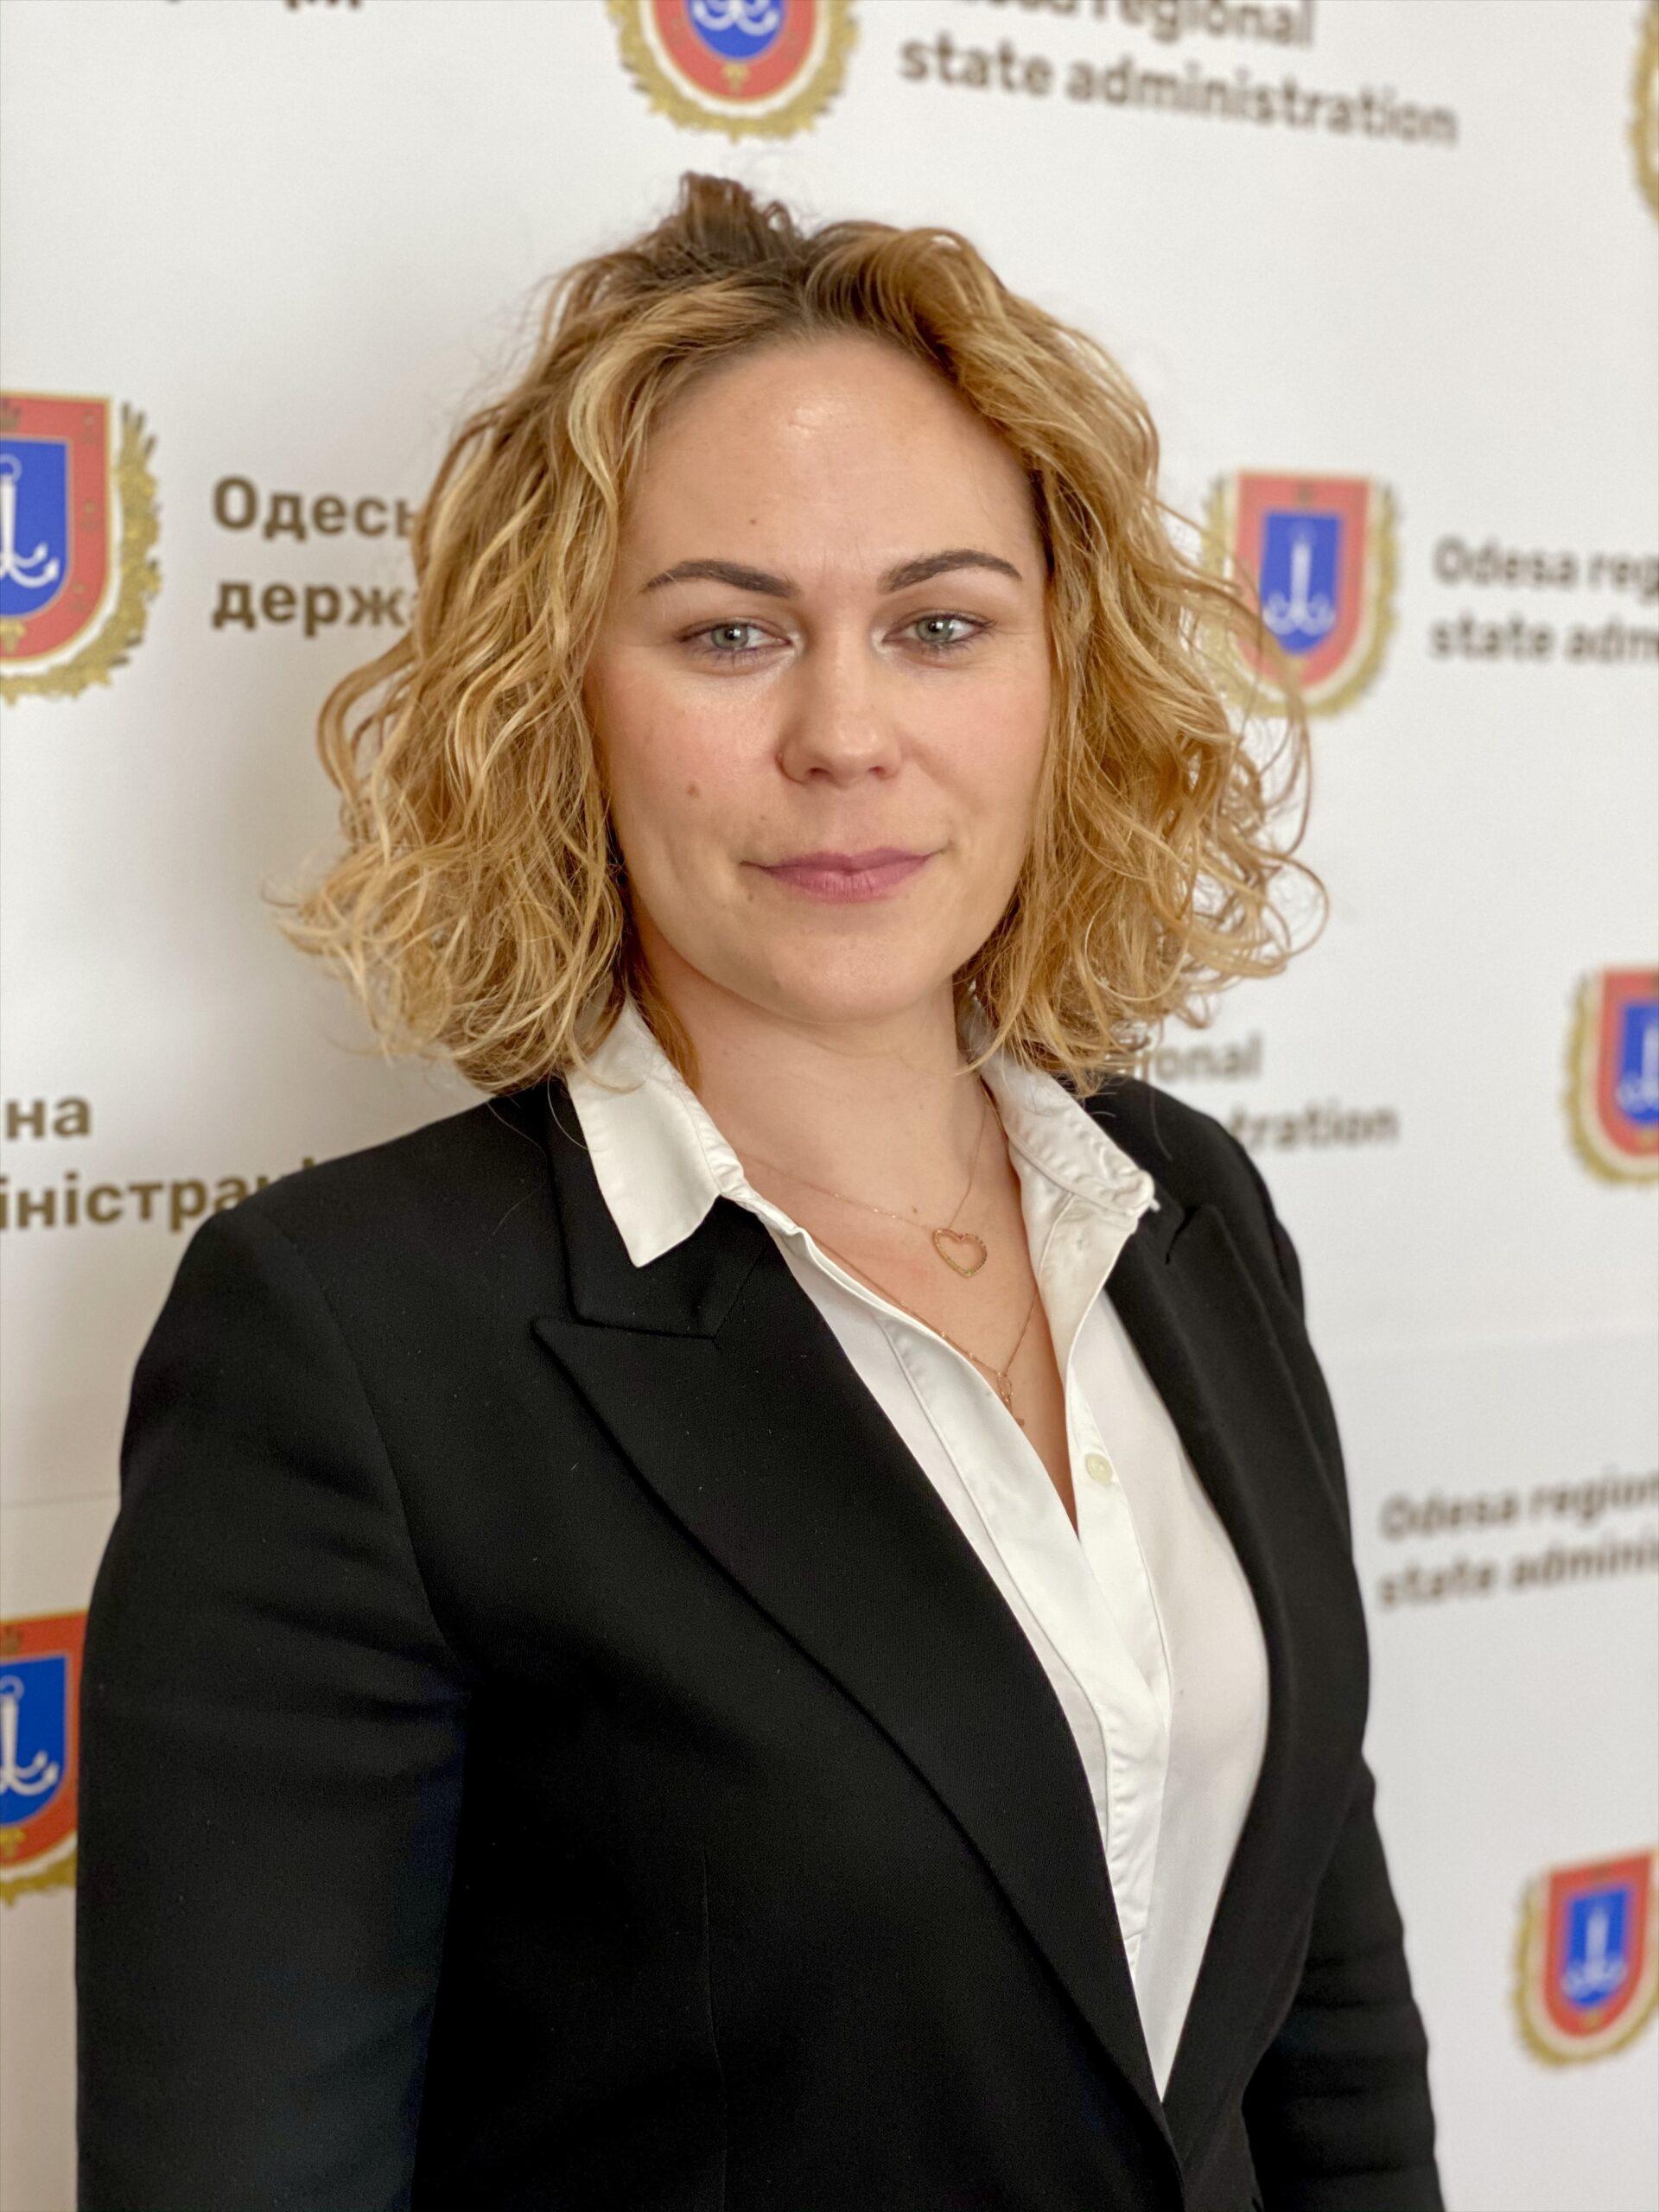 Бондар Анастасія Олександрівна